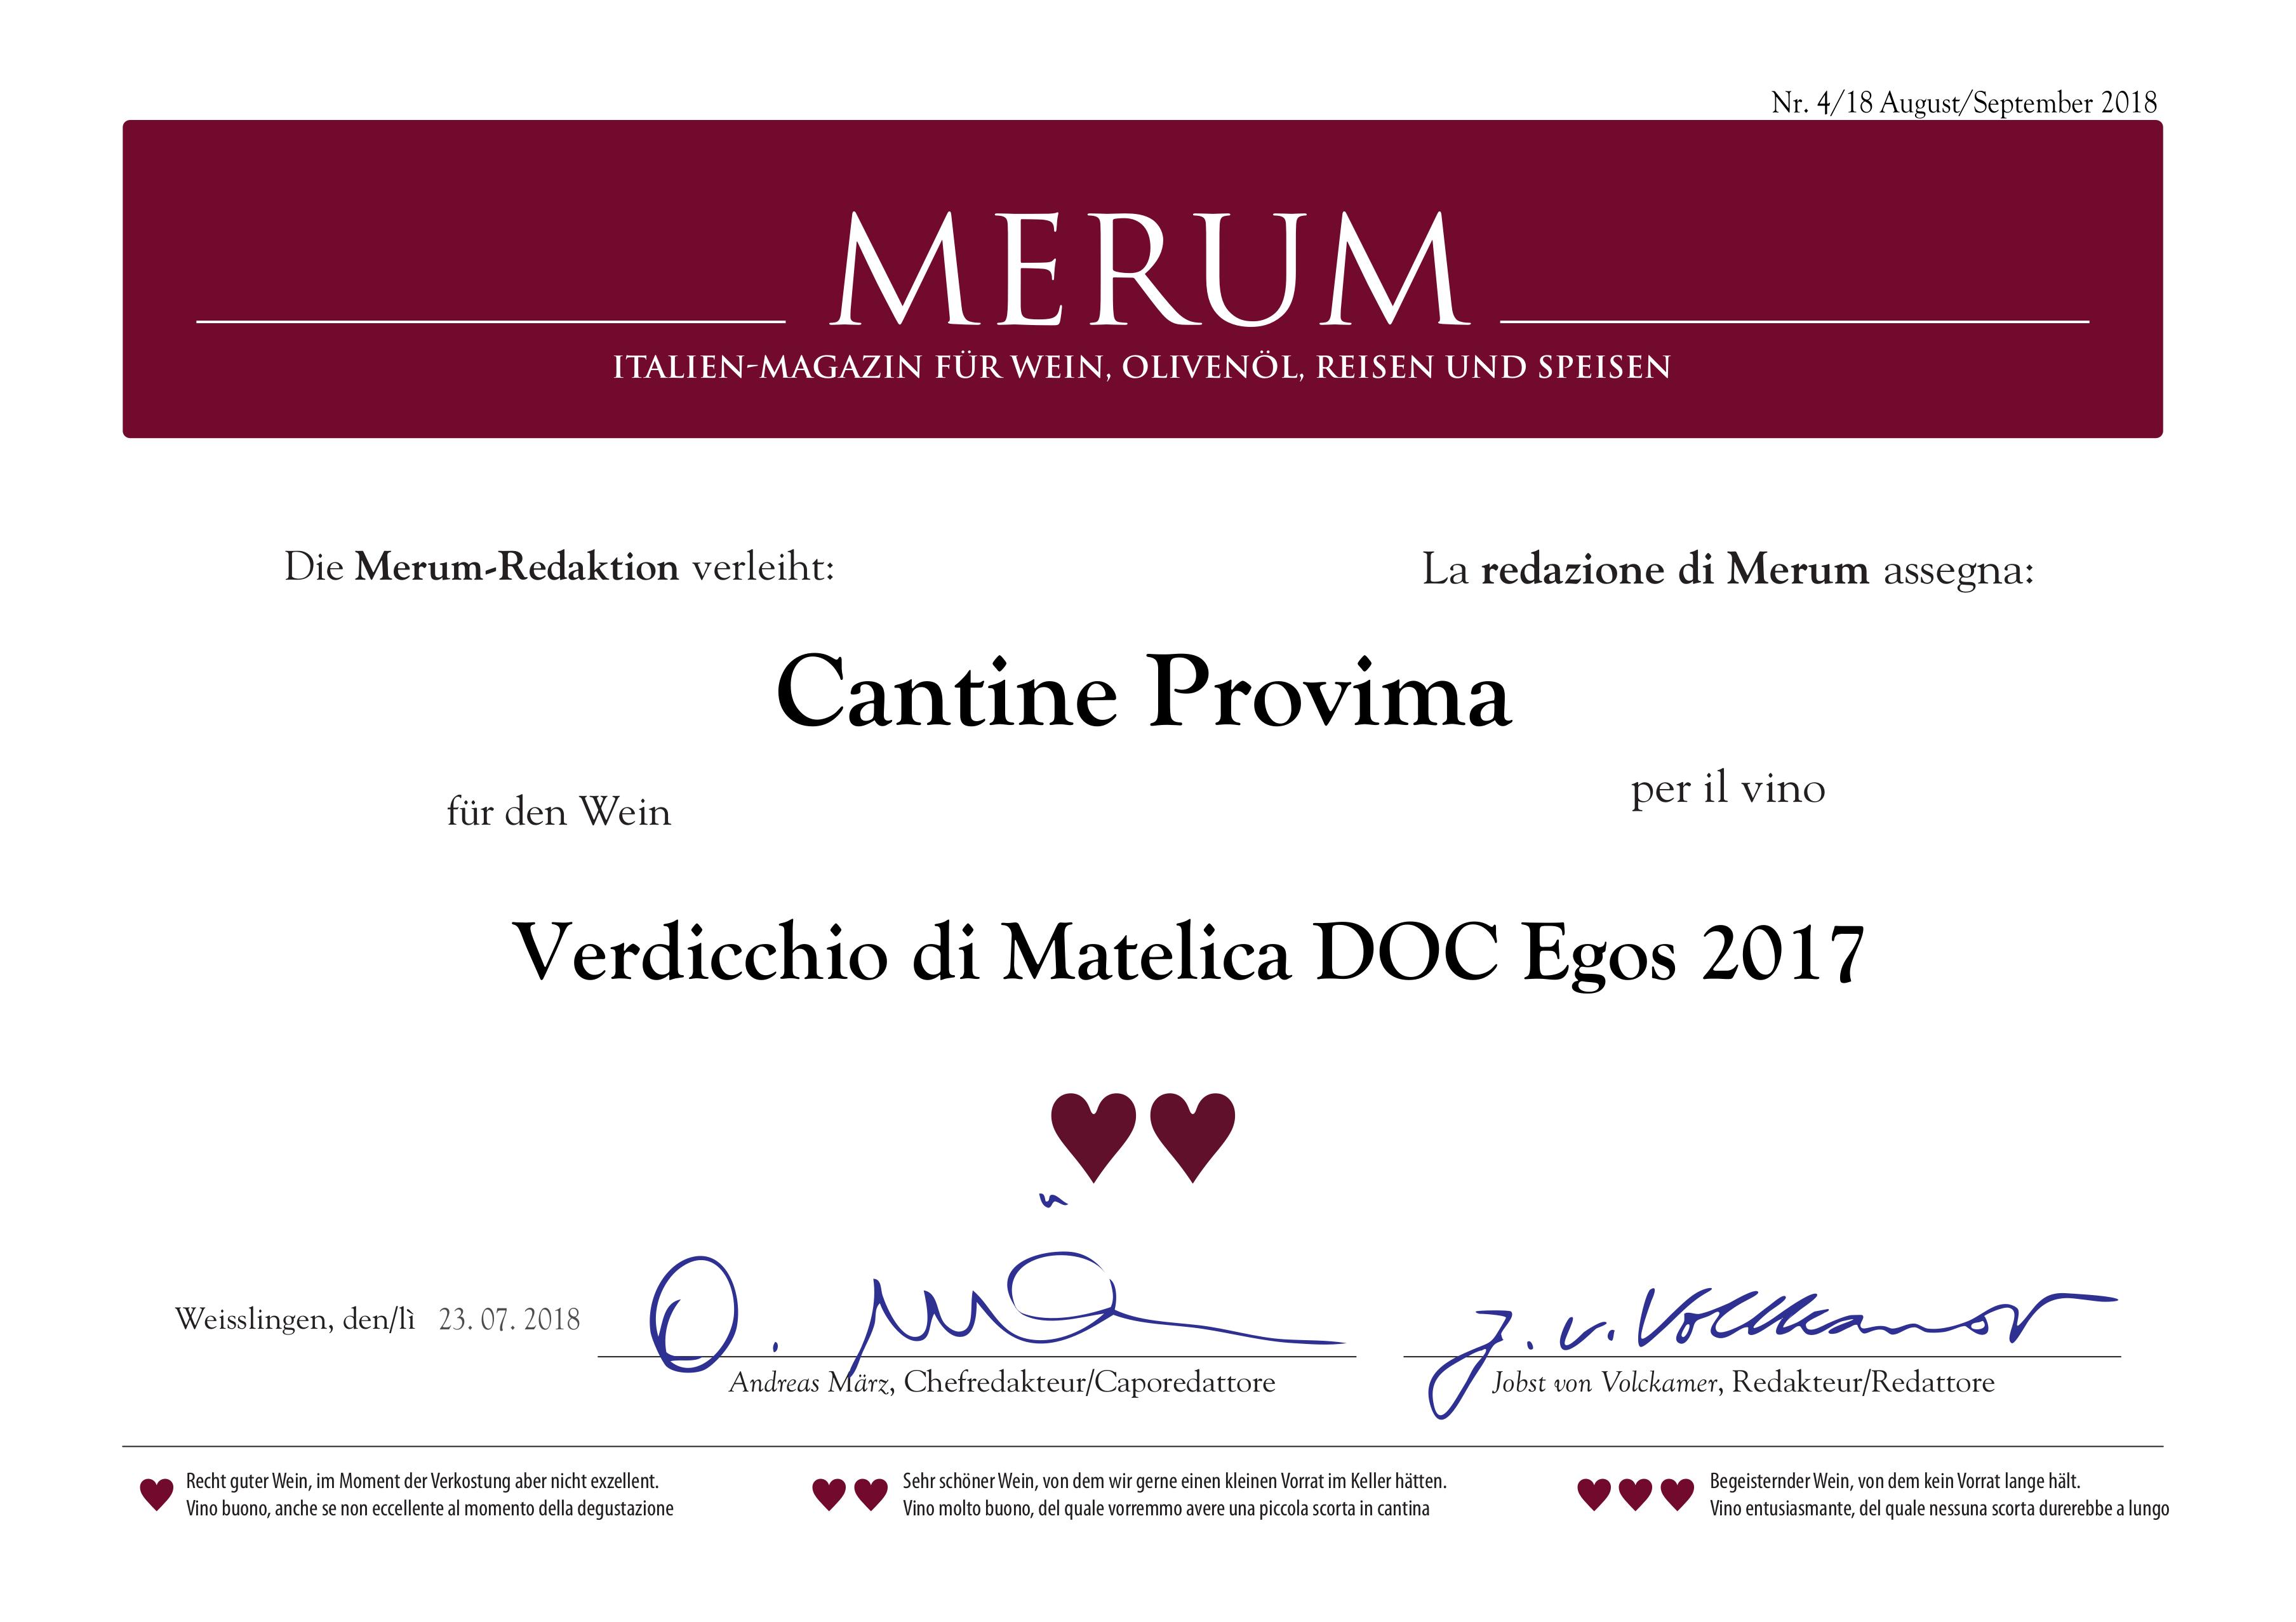 MERUM - 2018 - 2 hearts